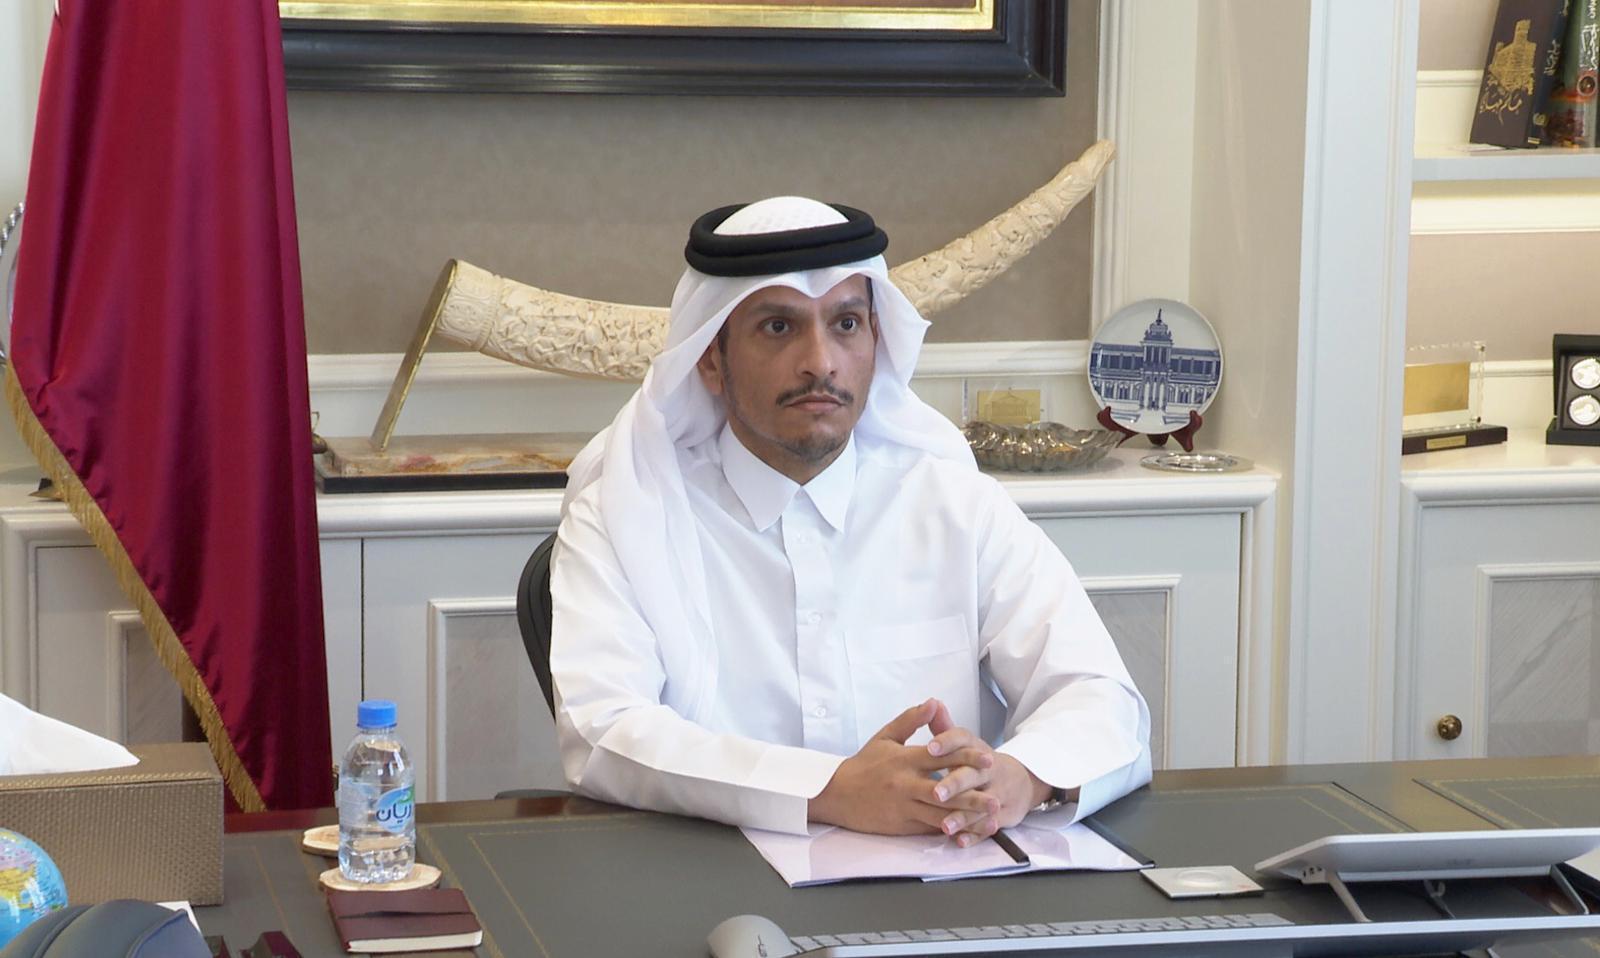 دولة قطر تشارك في أعمال الدورة التاسعة للمنتدى العربي الصيني على المستوى الوزاري